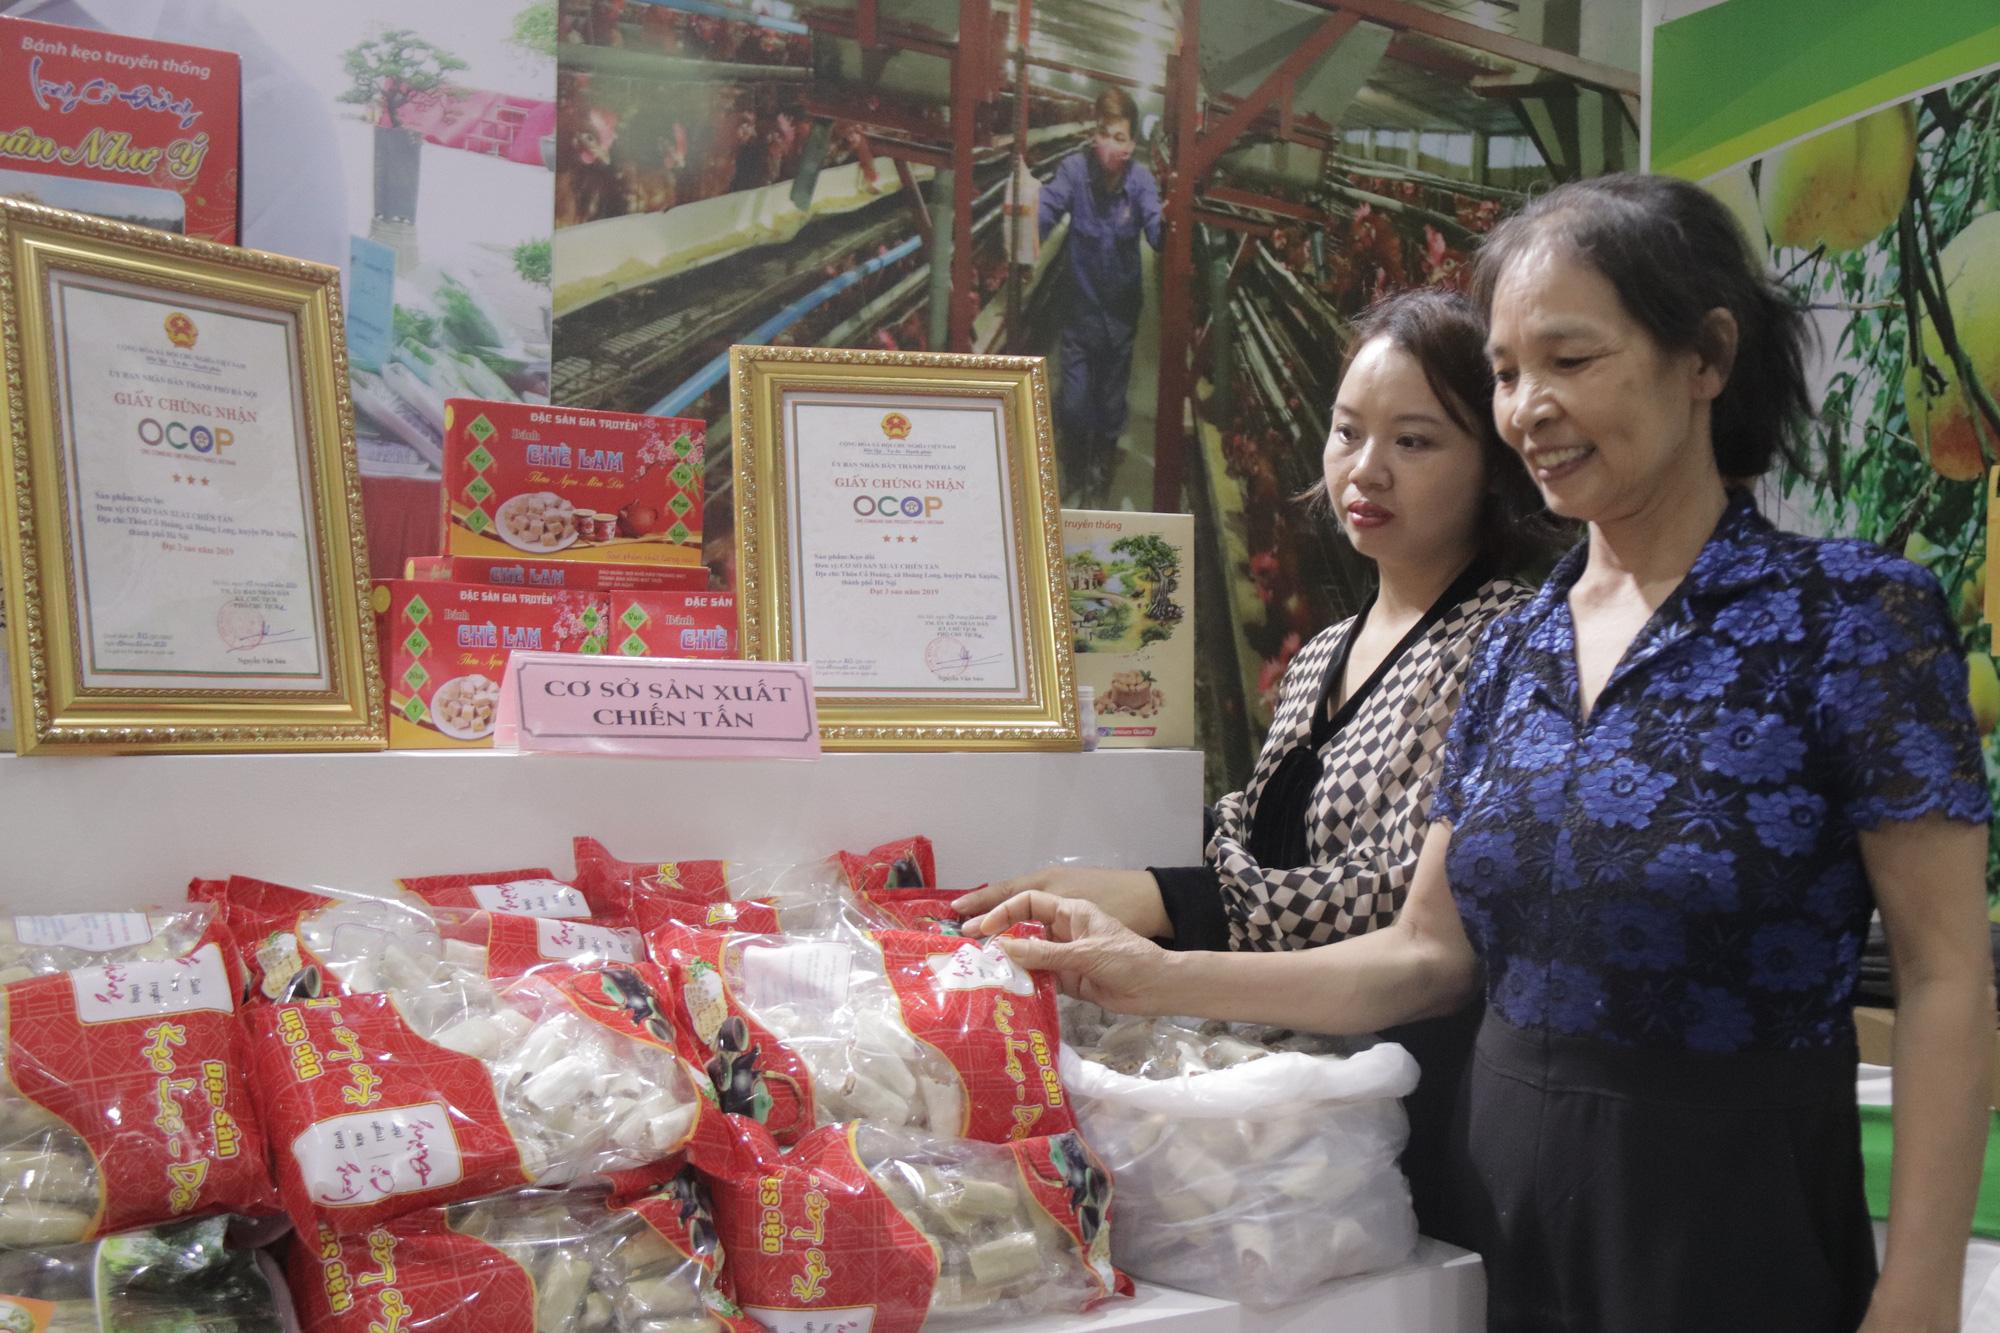 Hà Nội: Quyết định công nhận 301 sản phẩm đạt sao OCOP, cơ hội thúc đẩy tiêu thụ sản phẩm - Ảnh 5.